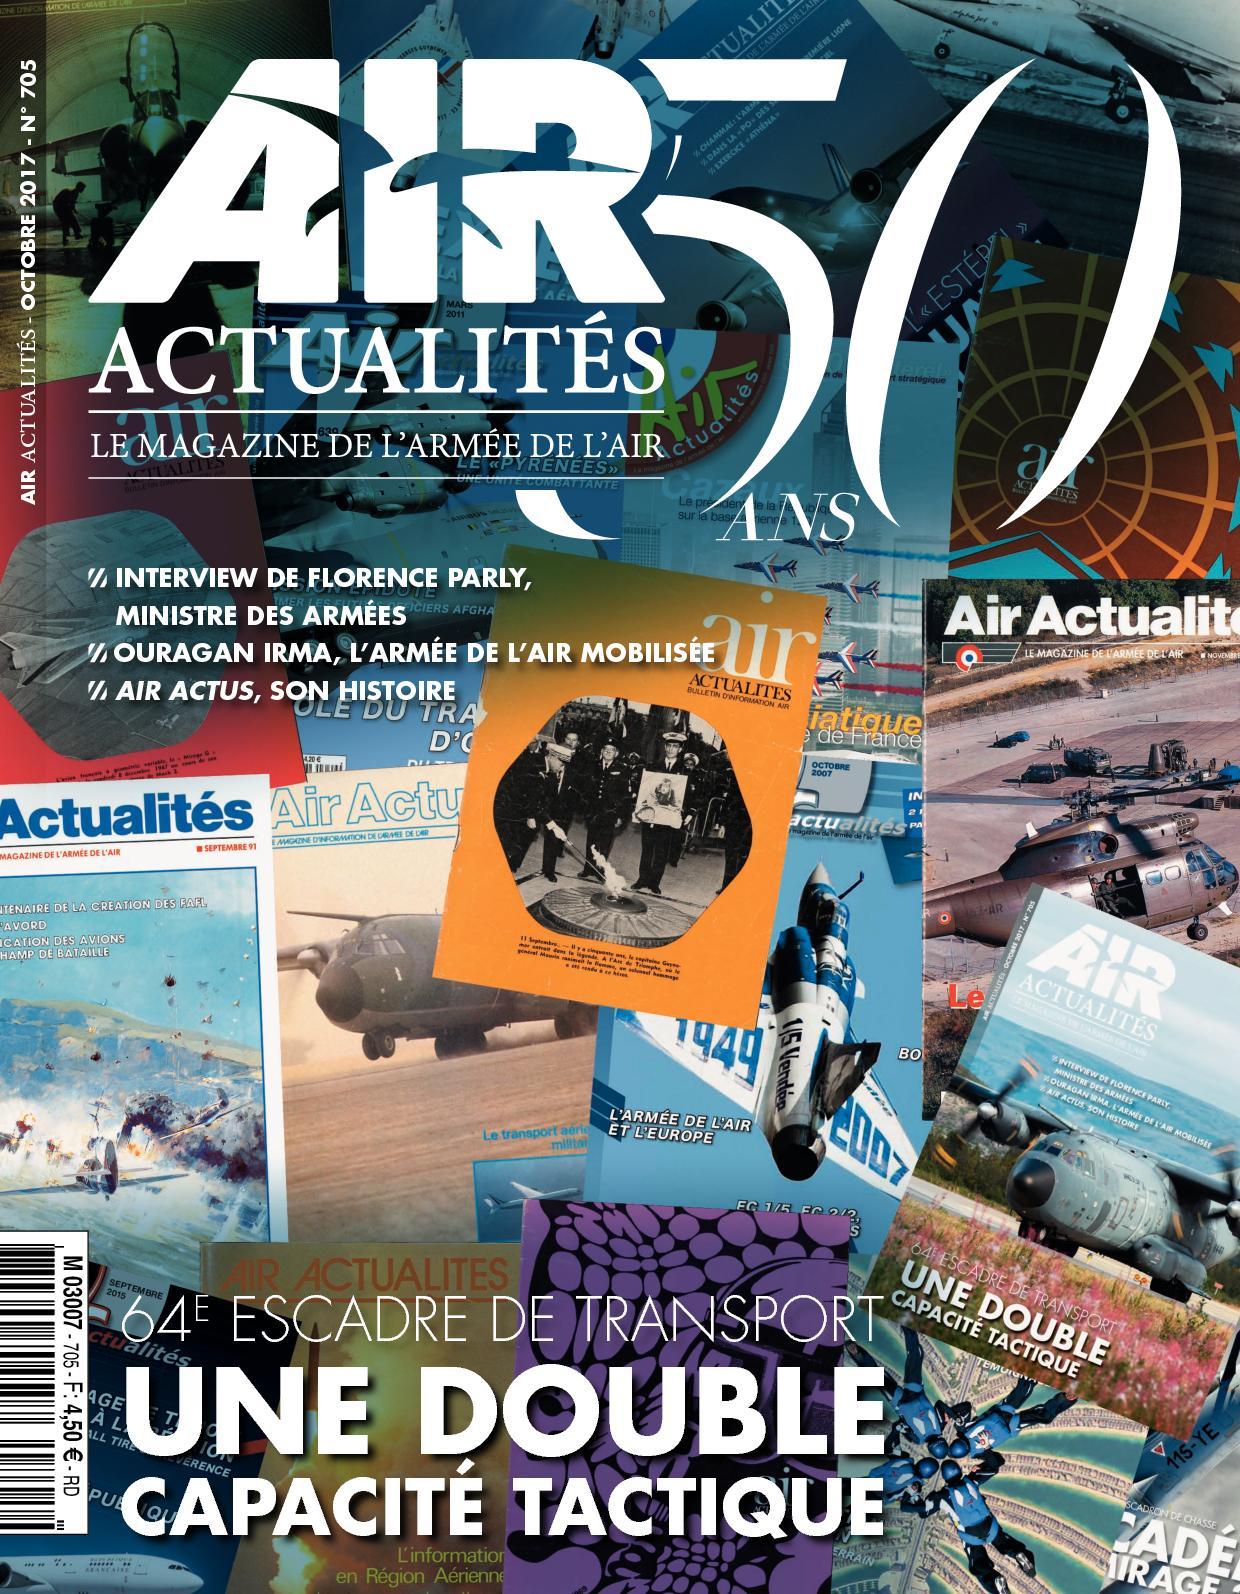 DU CHAMP D'AVIATION À LA BASE AÉRIENNE 705, UNE GRANDE